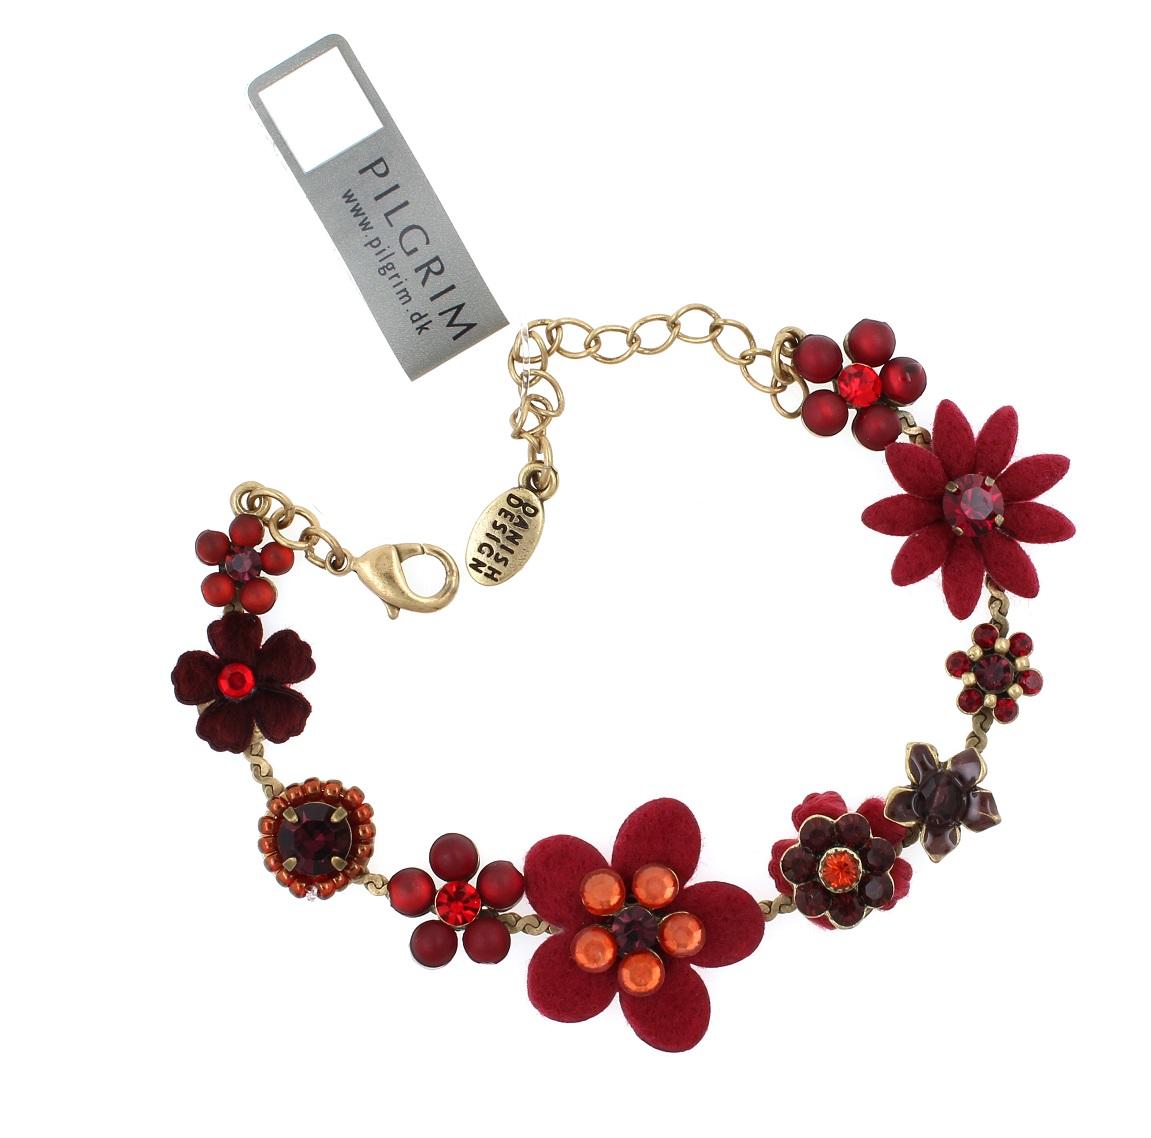 PILGRIM - Felt Flowers - Bracelet - Red/Gold BNWT